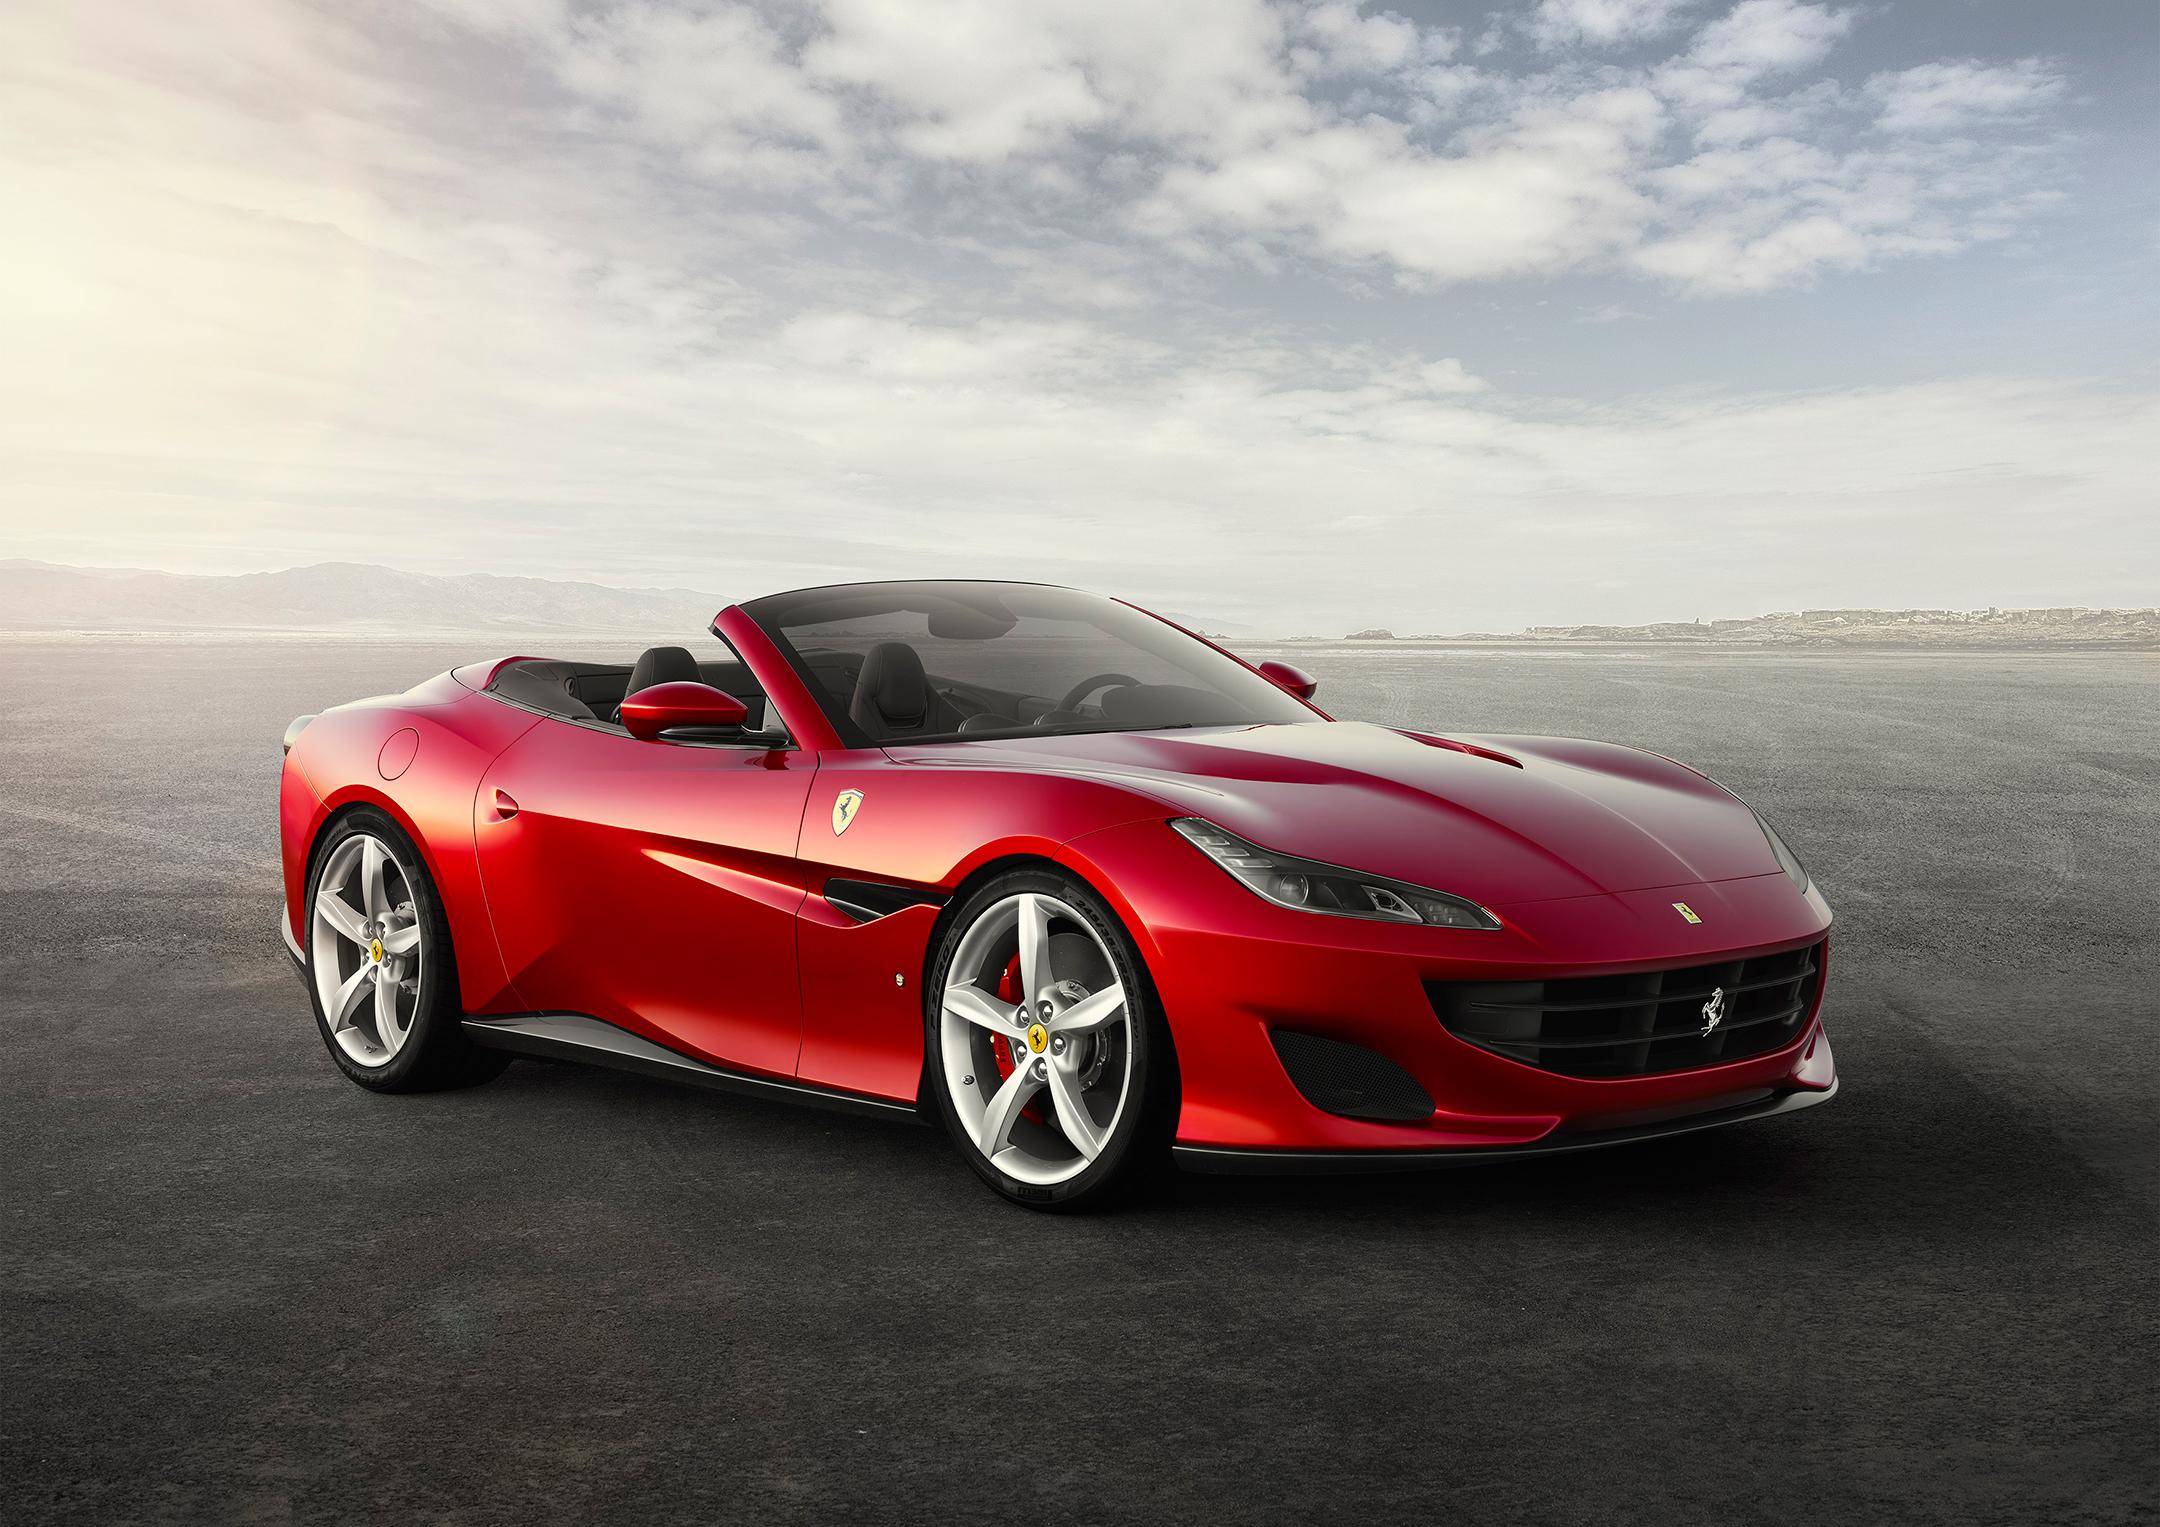 Ferrari Portofino - 2017 - front side-face / profil avant